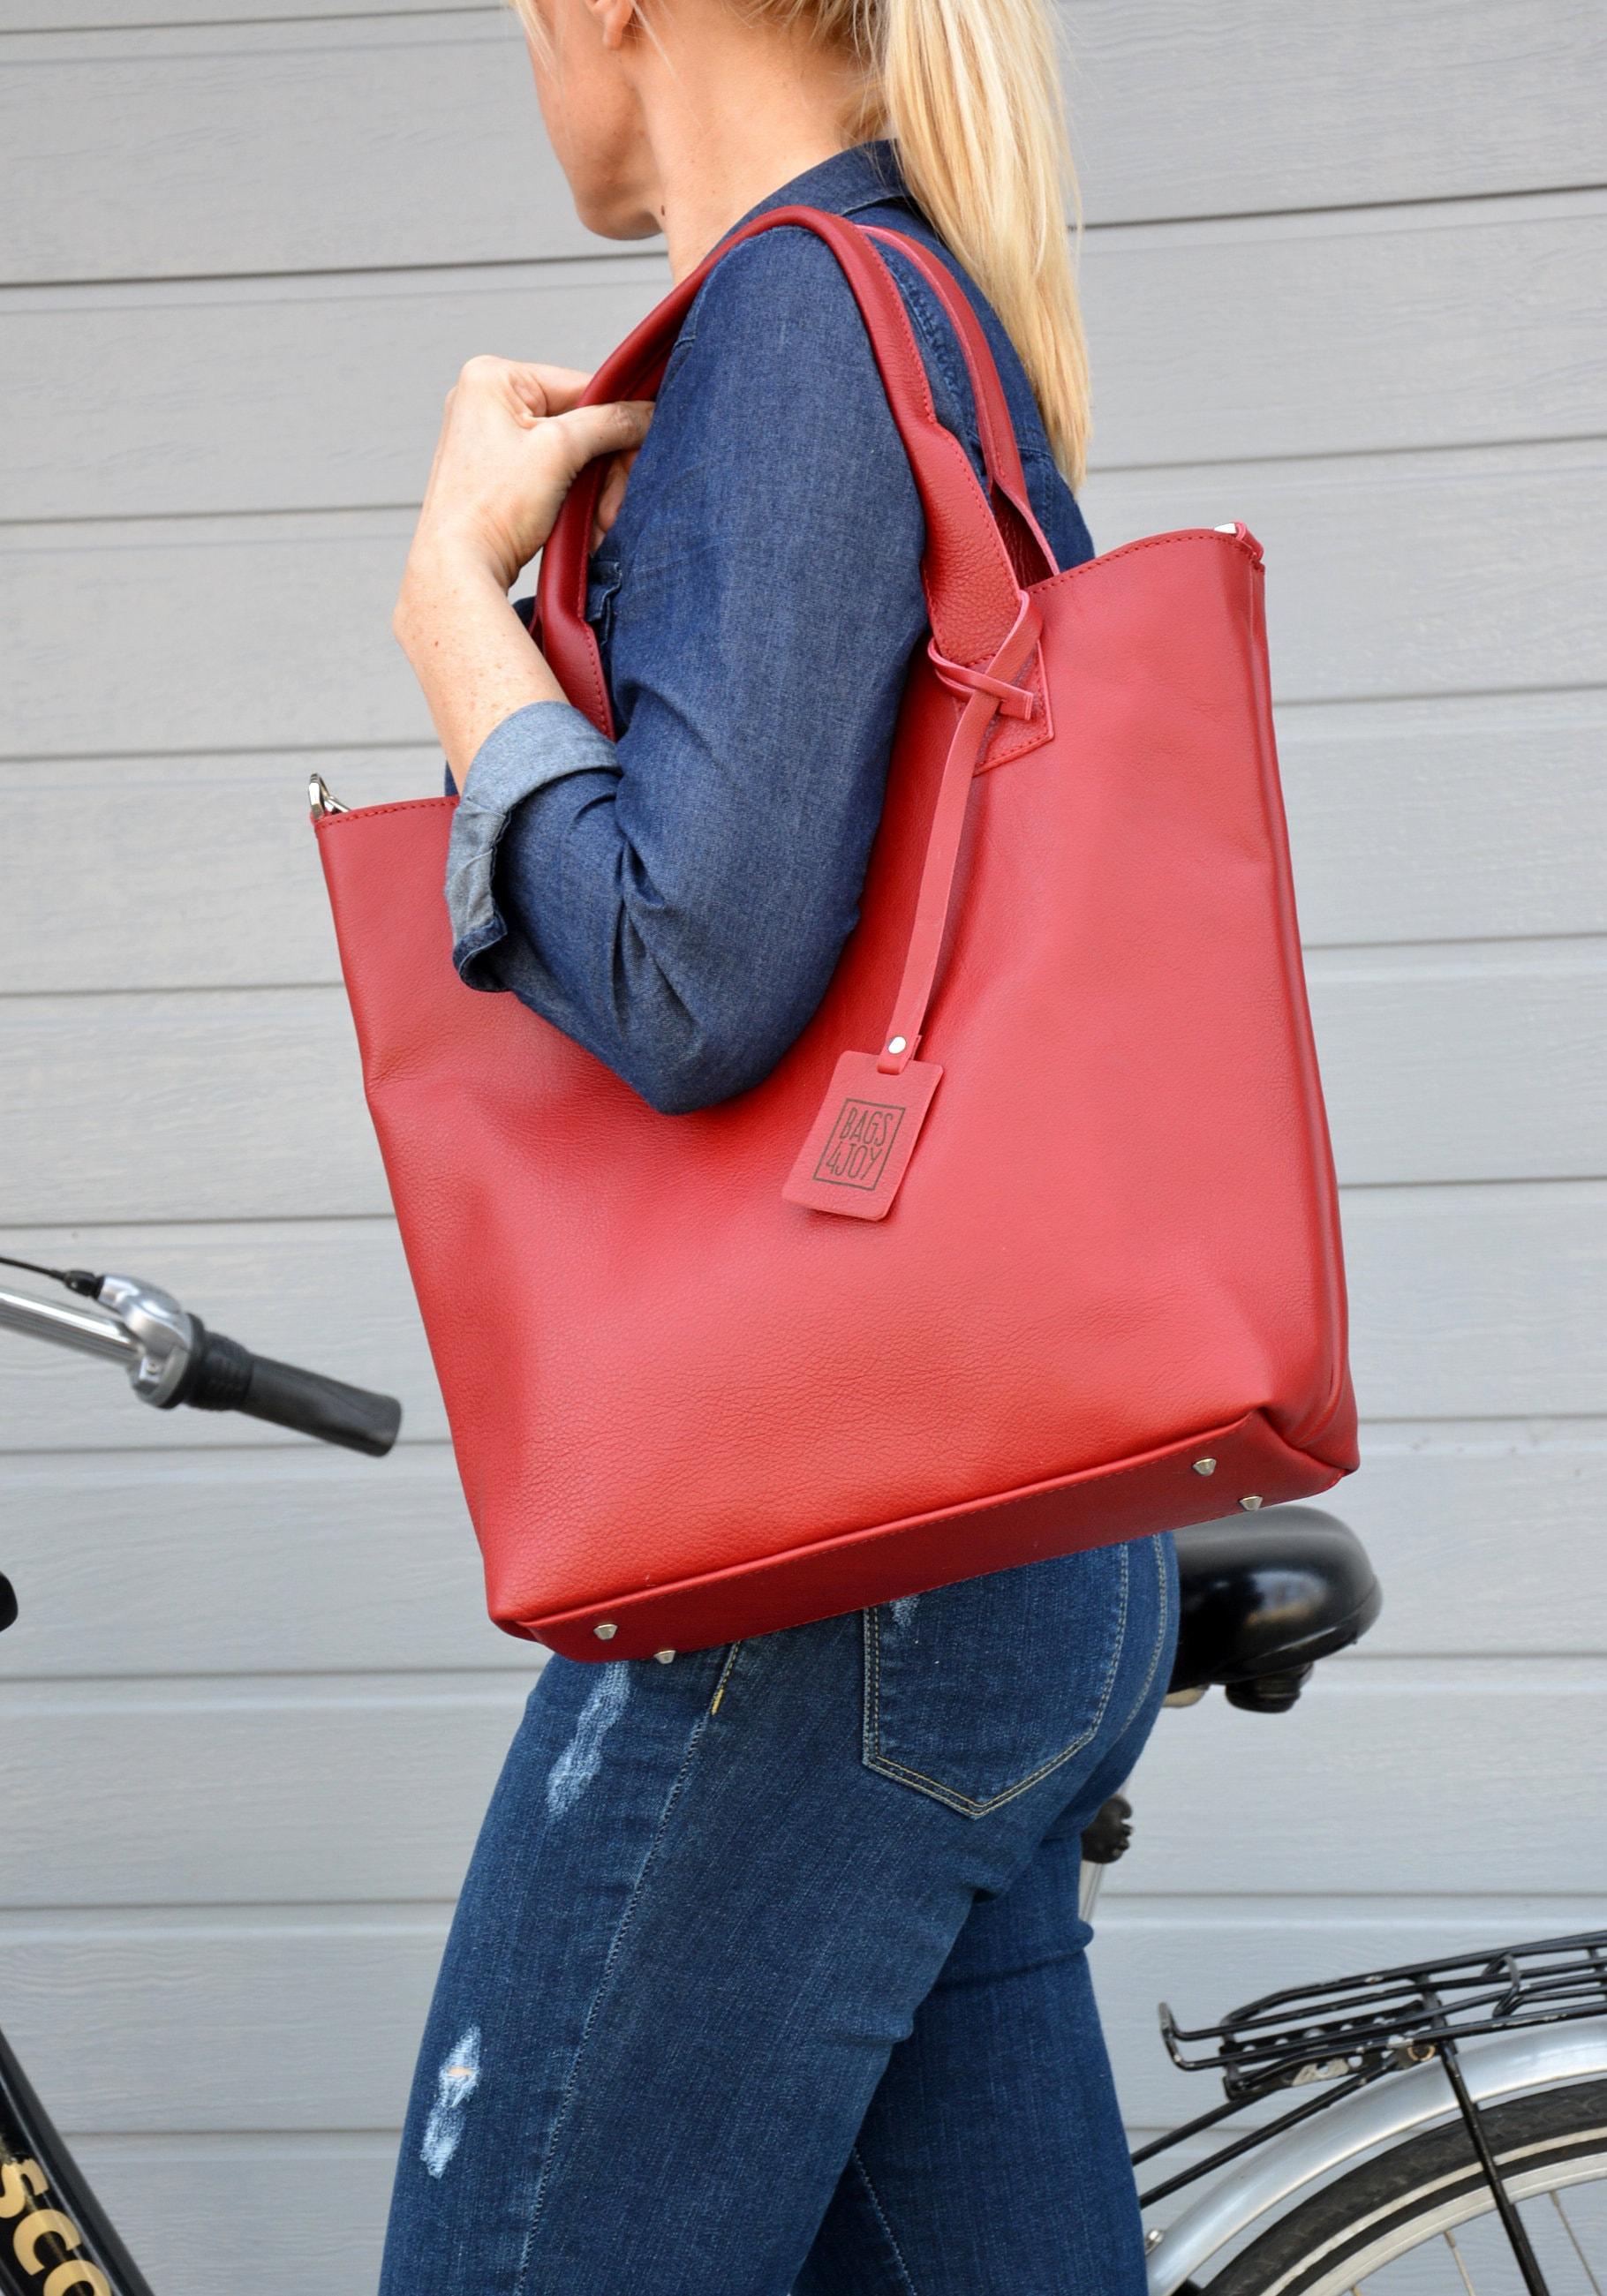 bc163e0a5b Chloe leather bag, big shoulder bag, XL bag women, red bag women, handbag  leather woman, handmade leather bag, huge leather bag women